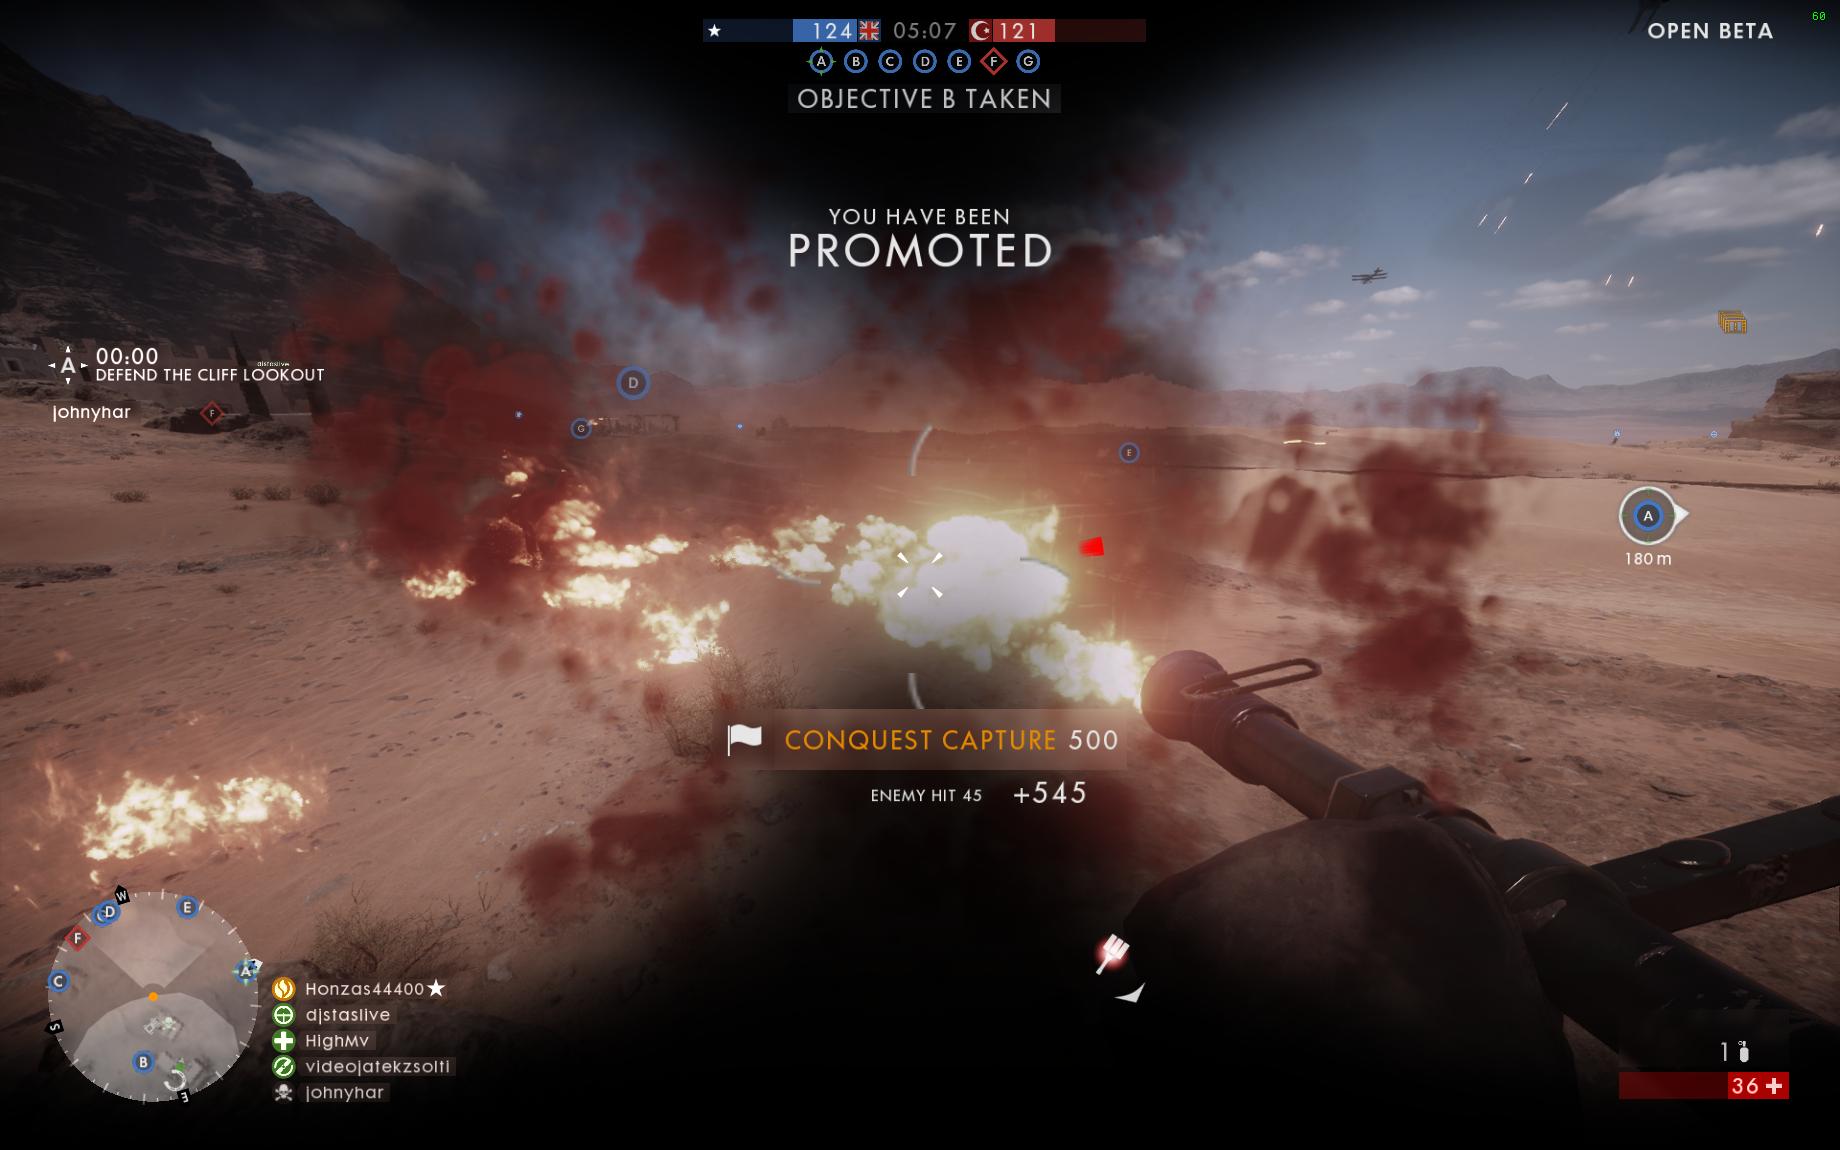 Dojmy z hraní otevřené bety Battlefield 1 129856